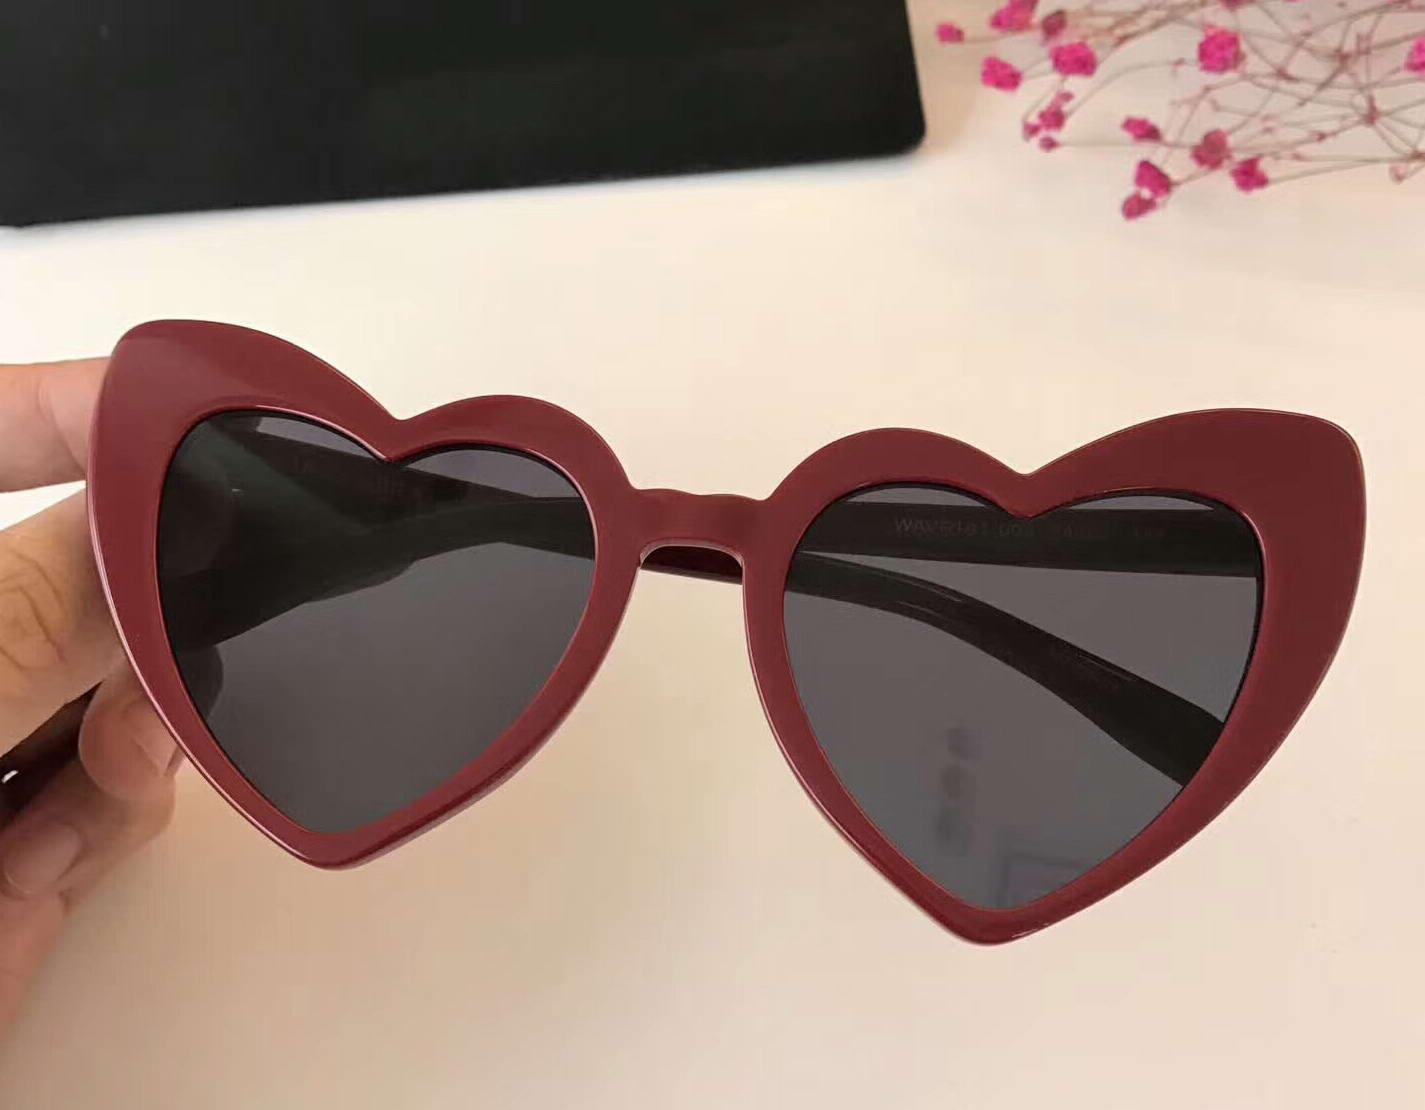 877b51cfc0 Compre Gafas De Sol Con Forma De Corazón Con Forma De Corazón Para Mujer  Olas Negras Gafas De Protección Marca De Moda Con Estuche A $91.79 Del  Cangshou ...